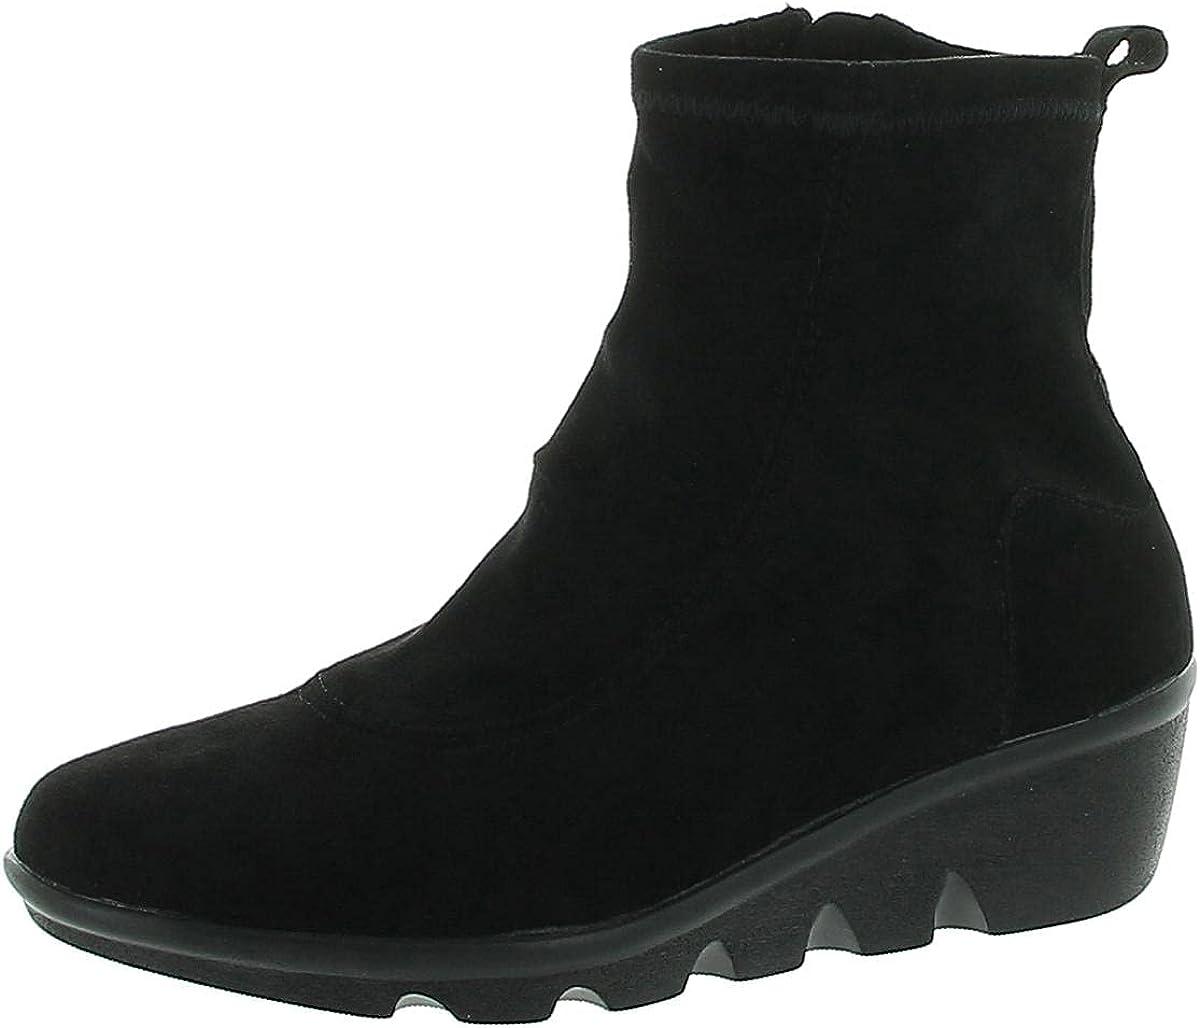 Bernie Mev Womens Ozawa Suede Memory Foam Fashion Sneakers Black 40 Medium(B,M)